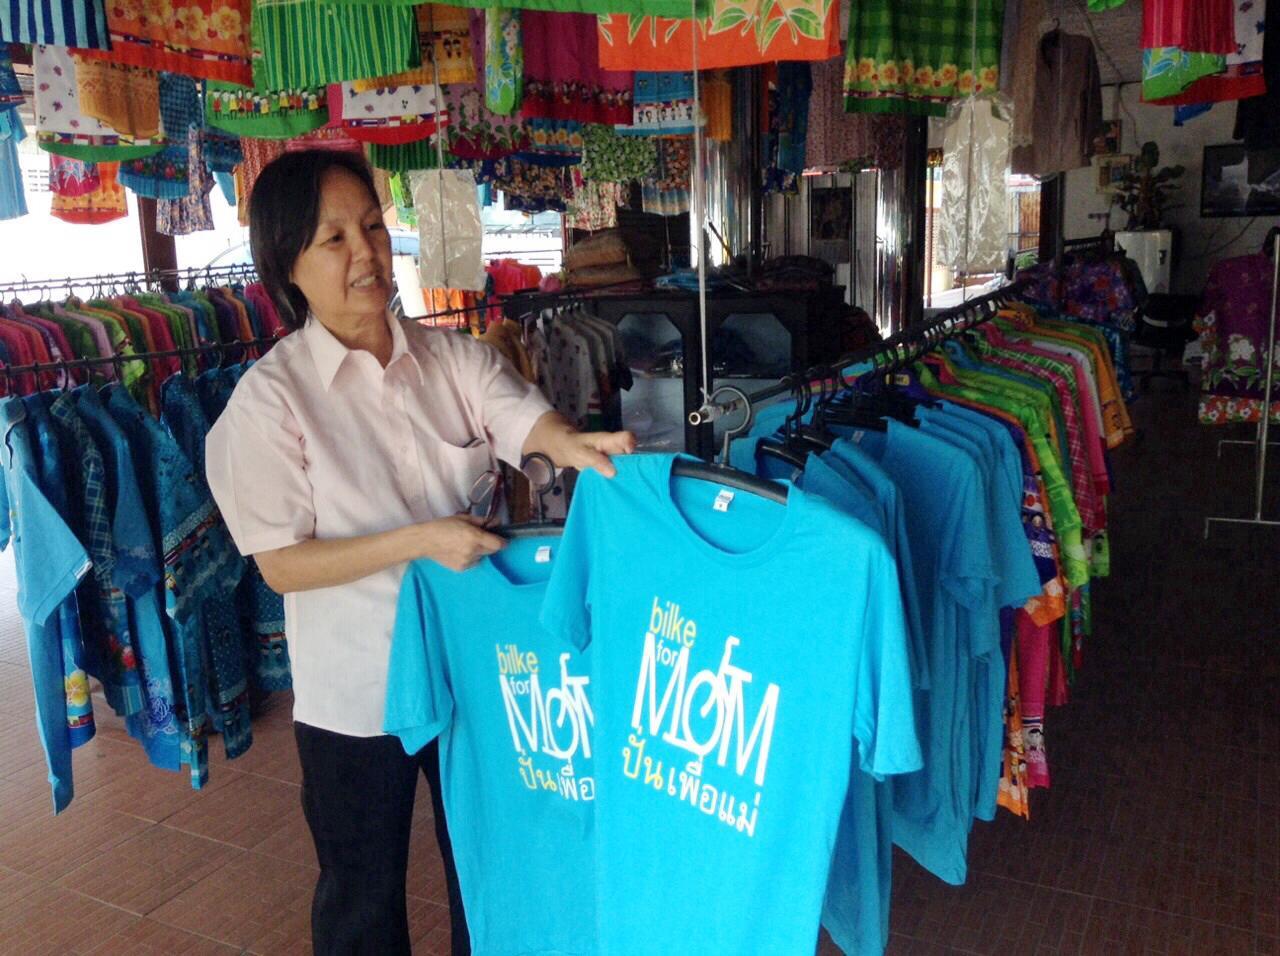 คนทยอยซื้อเสื้อ เพื่อร่วมกิจกรรม Bike for Mom